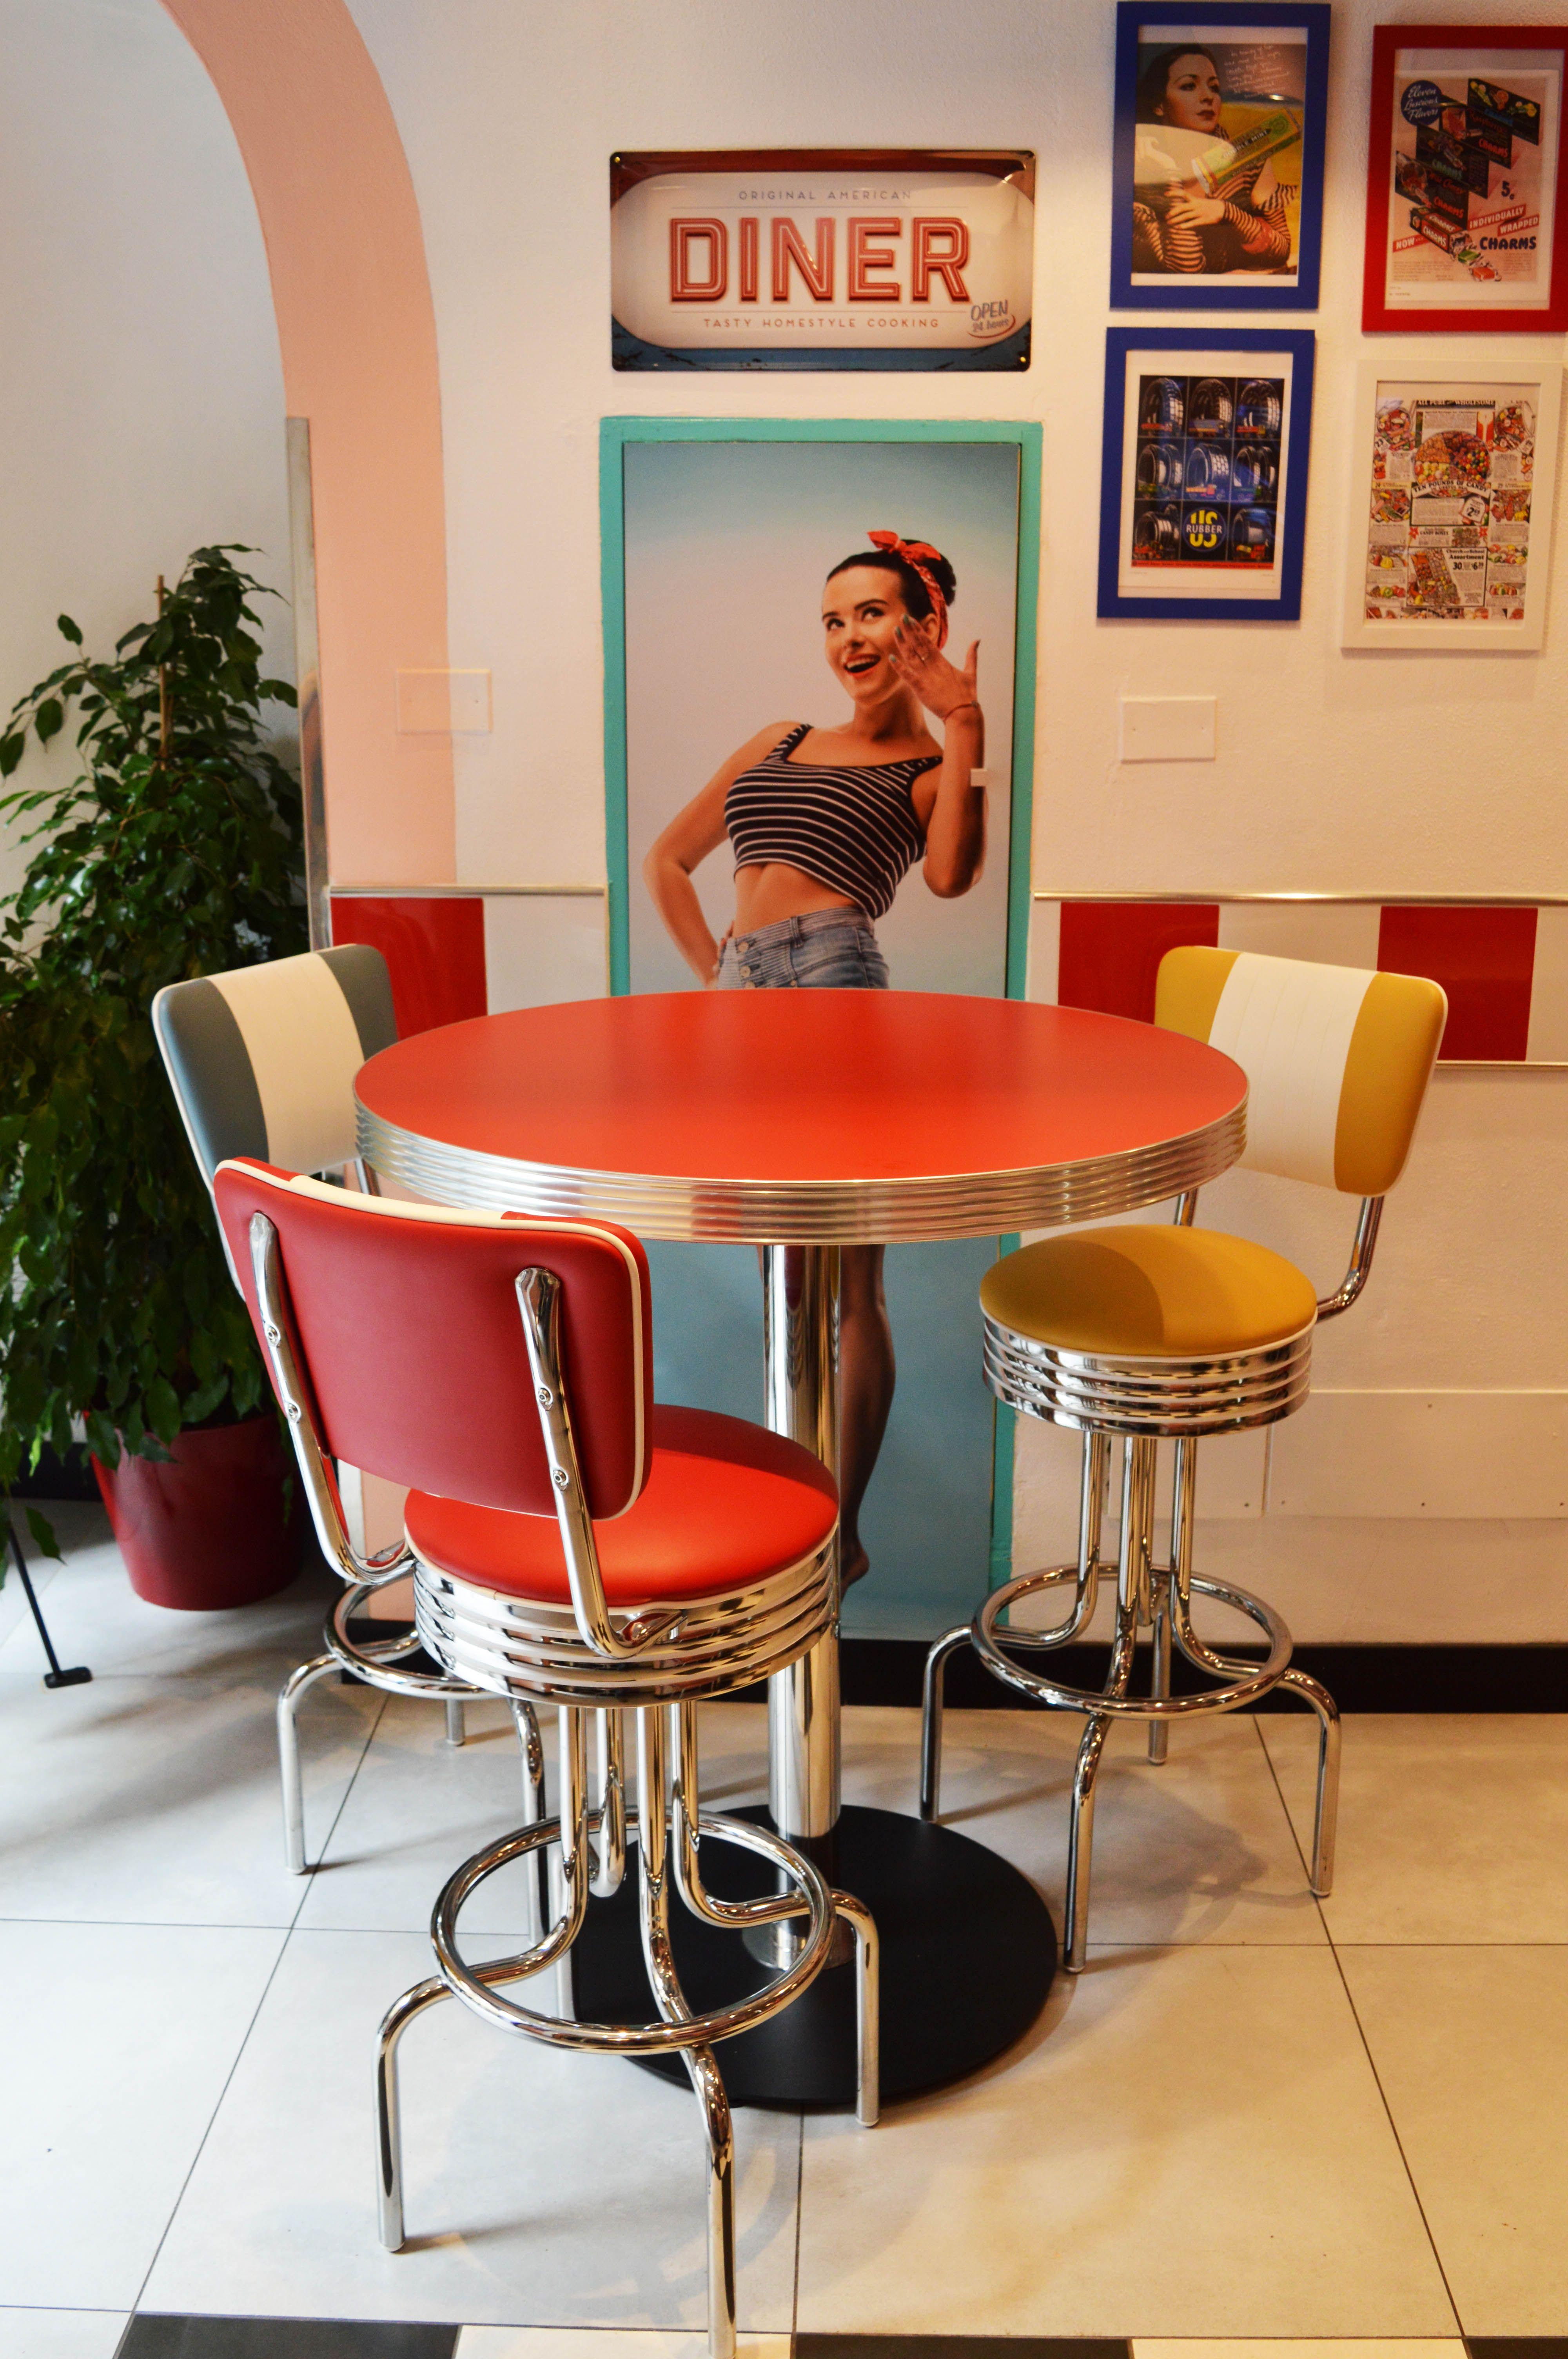 Arredo vintage l 39 arredo american style per case e locali arredamento americano anni 50 e vintage - Cucina anni 50 americana ...